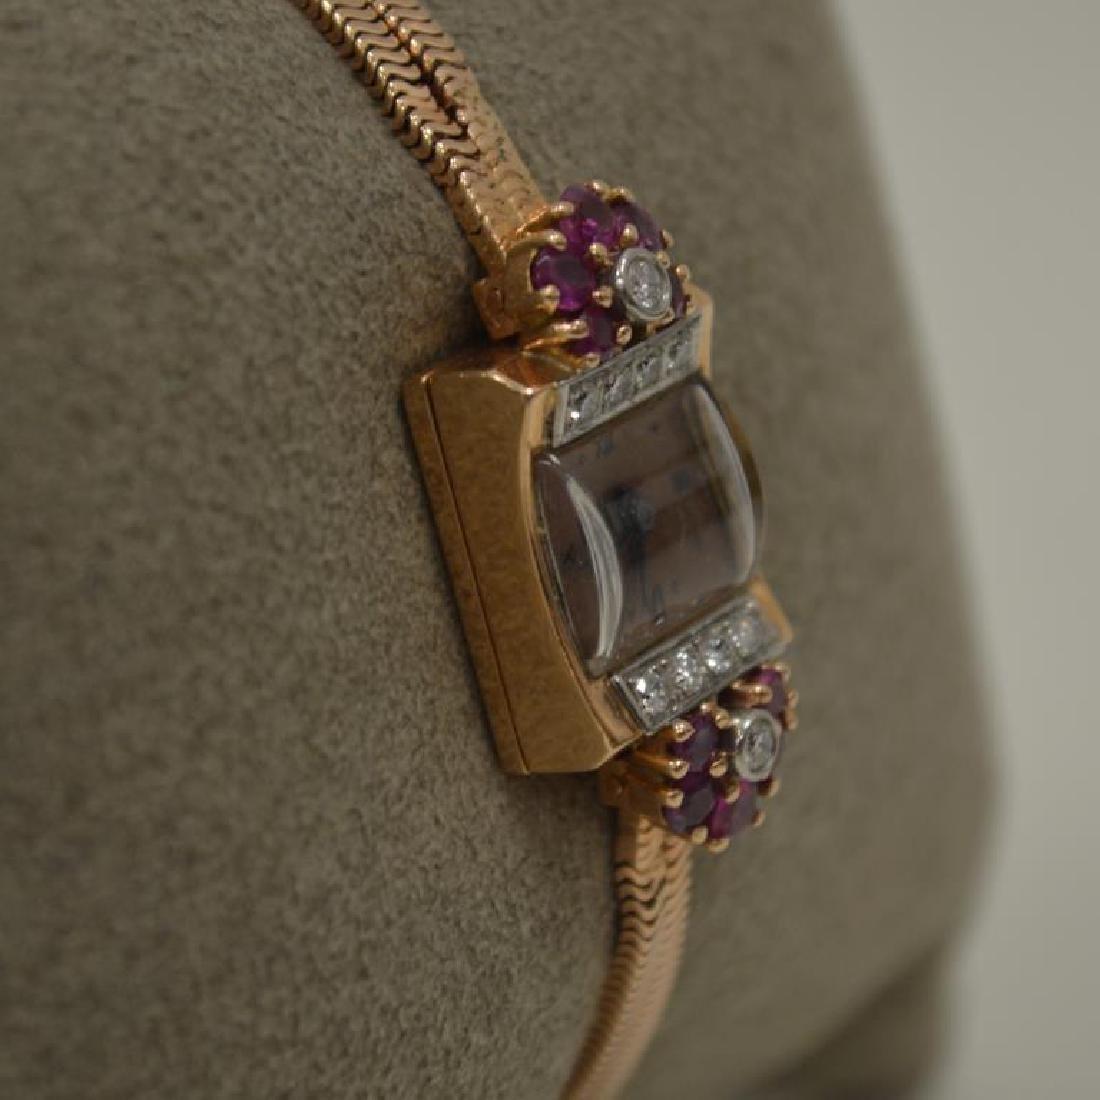 14kt rose gold vintage dress watch - 2